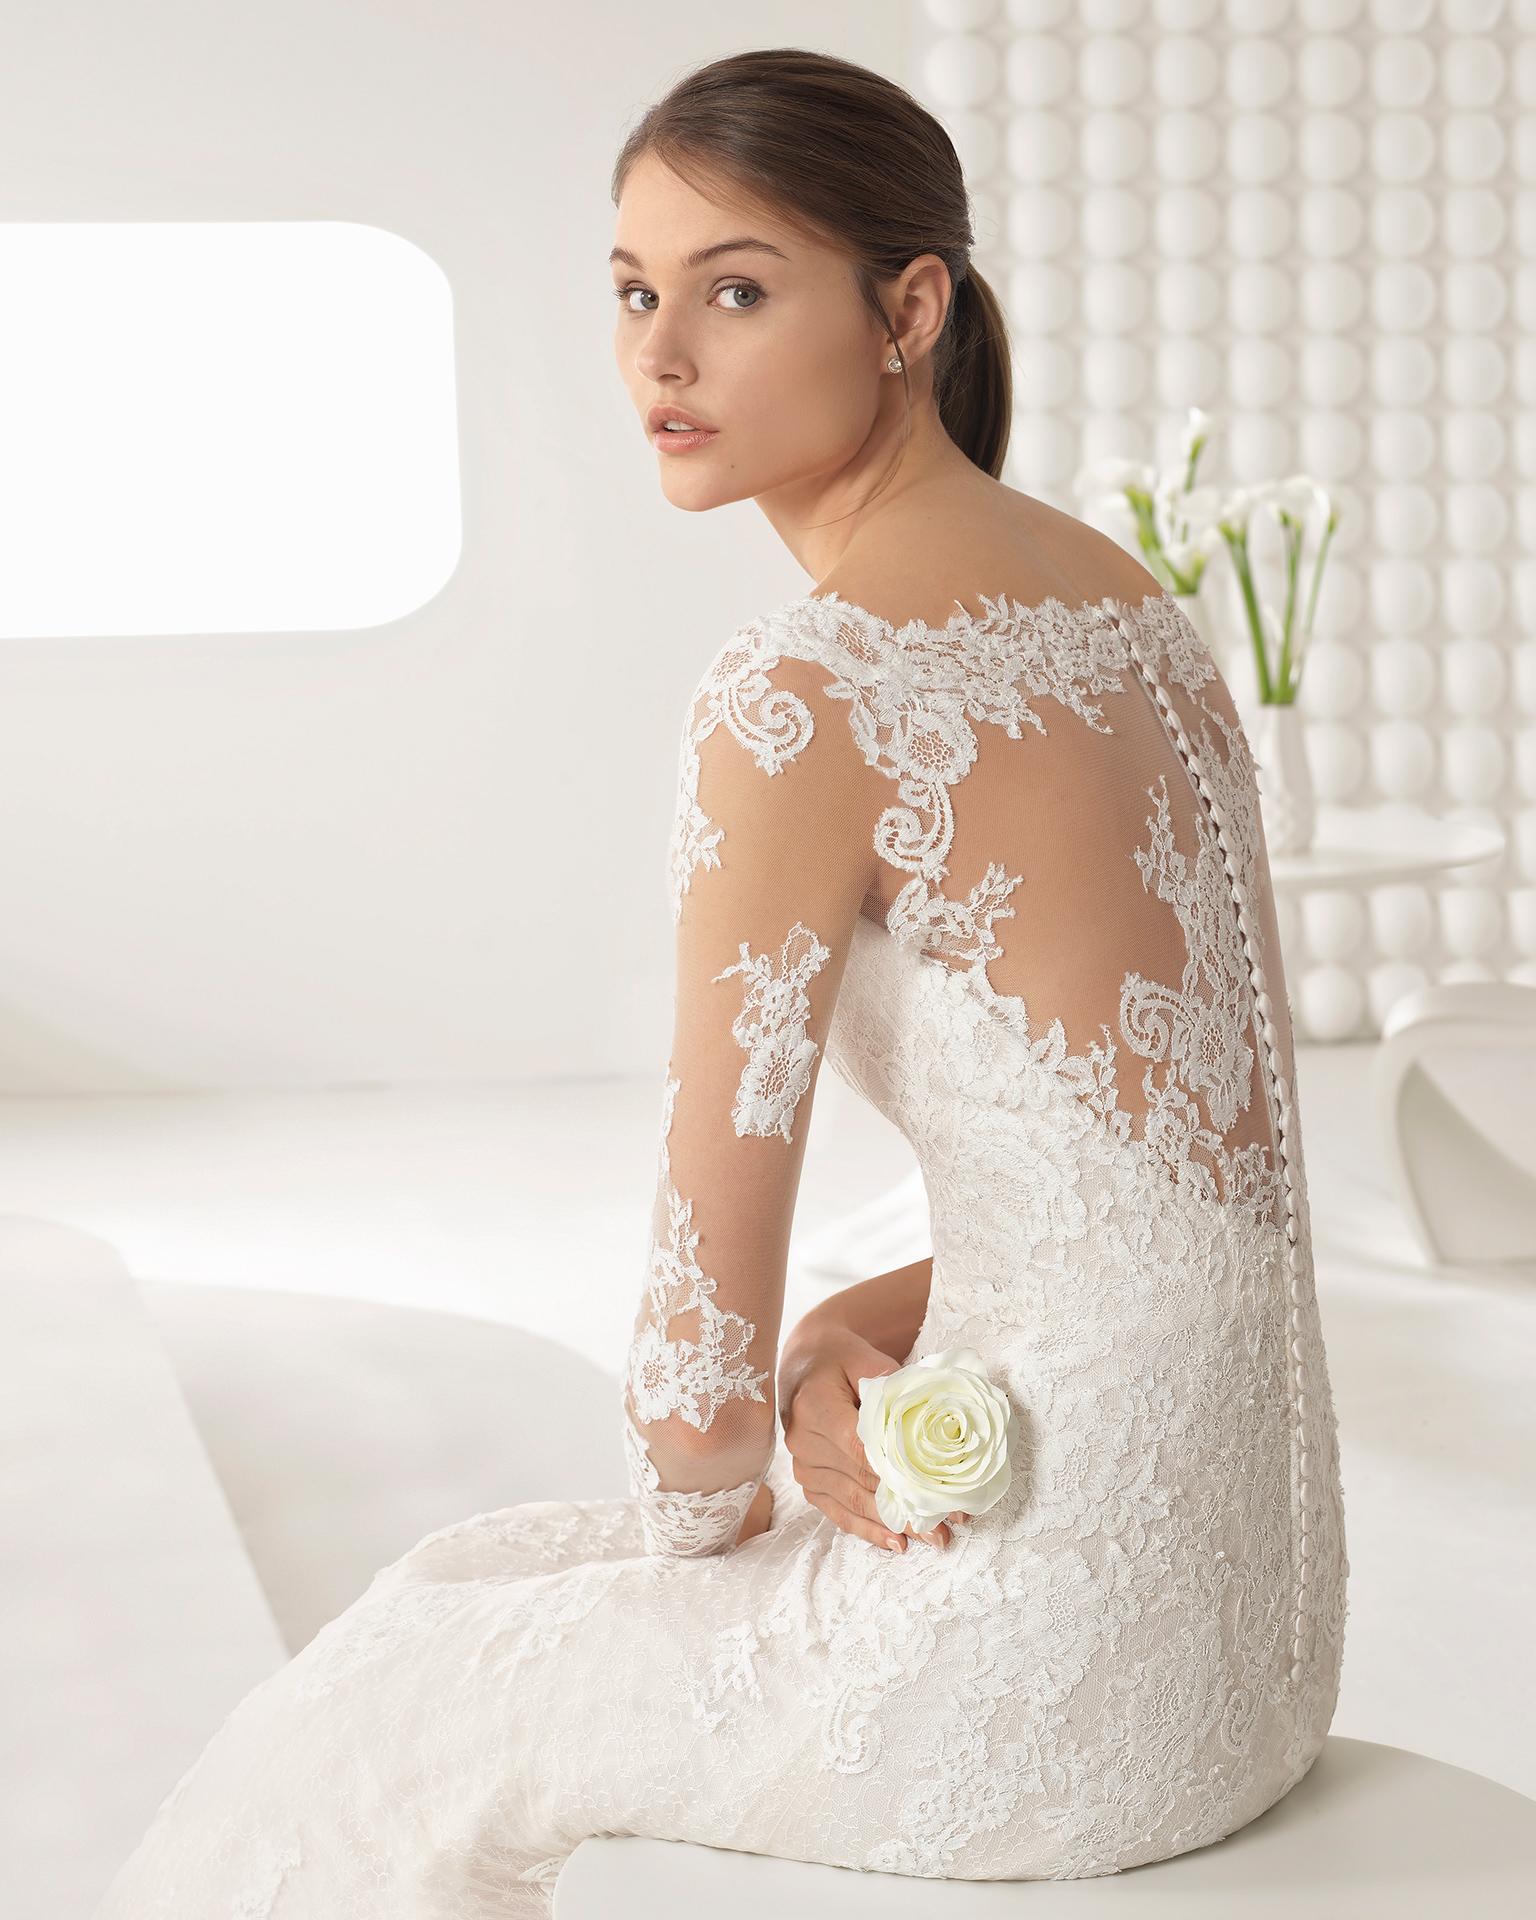 AMERICA - 2018 Bridal Collection. Rosa Clará Collection